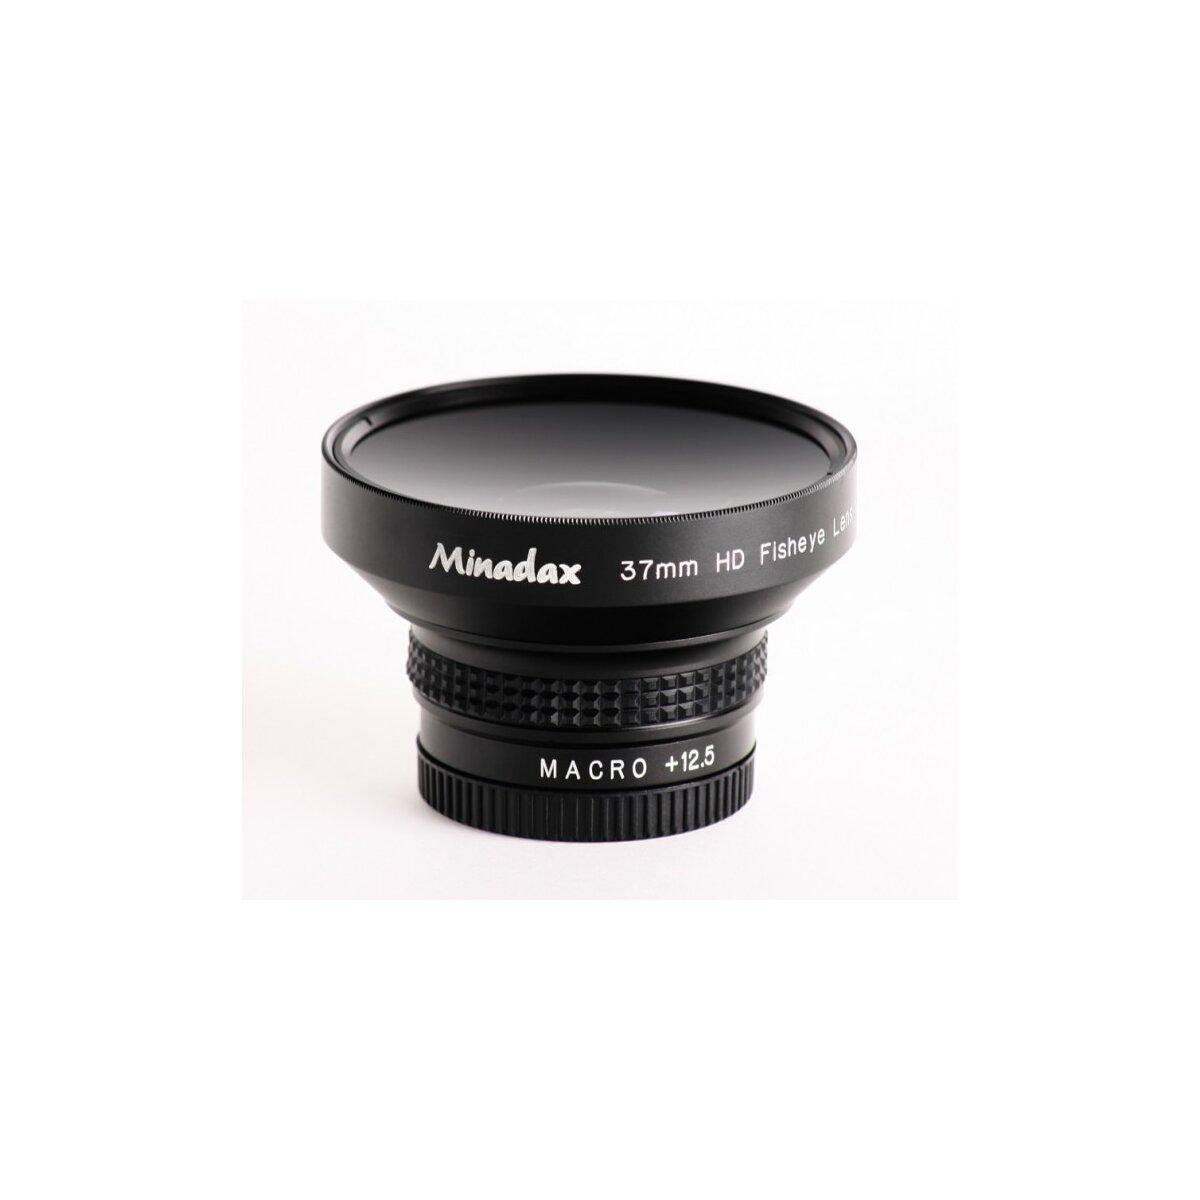 Minadax 0.25x Fisheye Vorsatz kompatibel mit Canon LEGRIA HF200, LEGRIA HF M31, LEGRIA HF M32, LEGRIA HF M36 - in schwarz